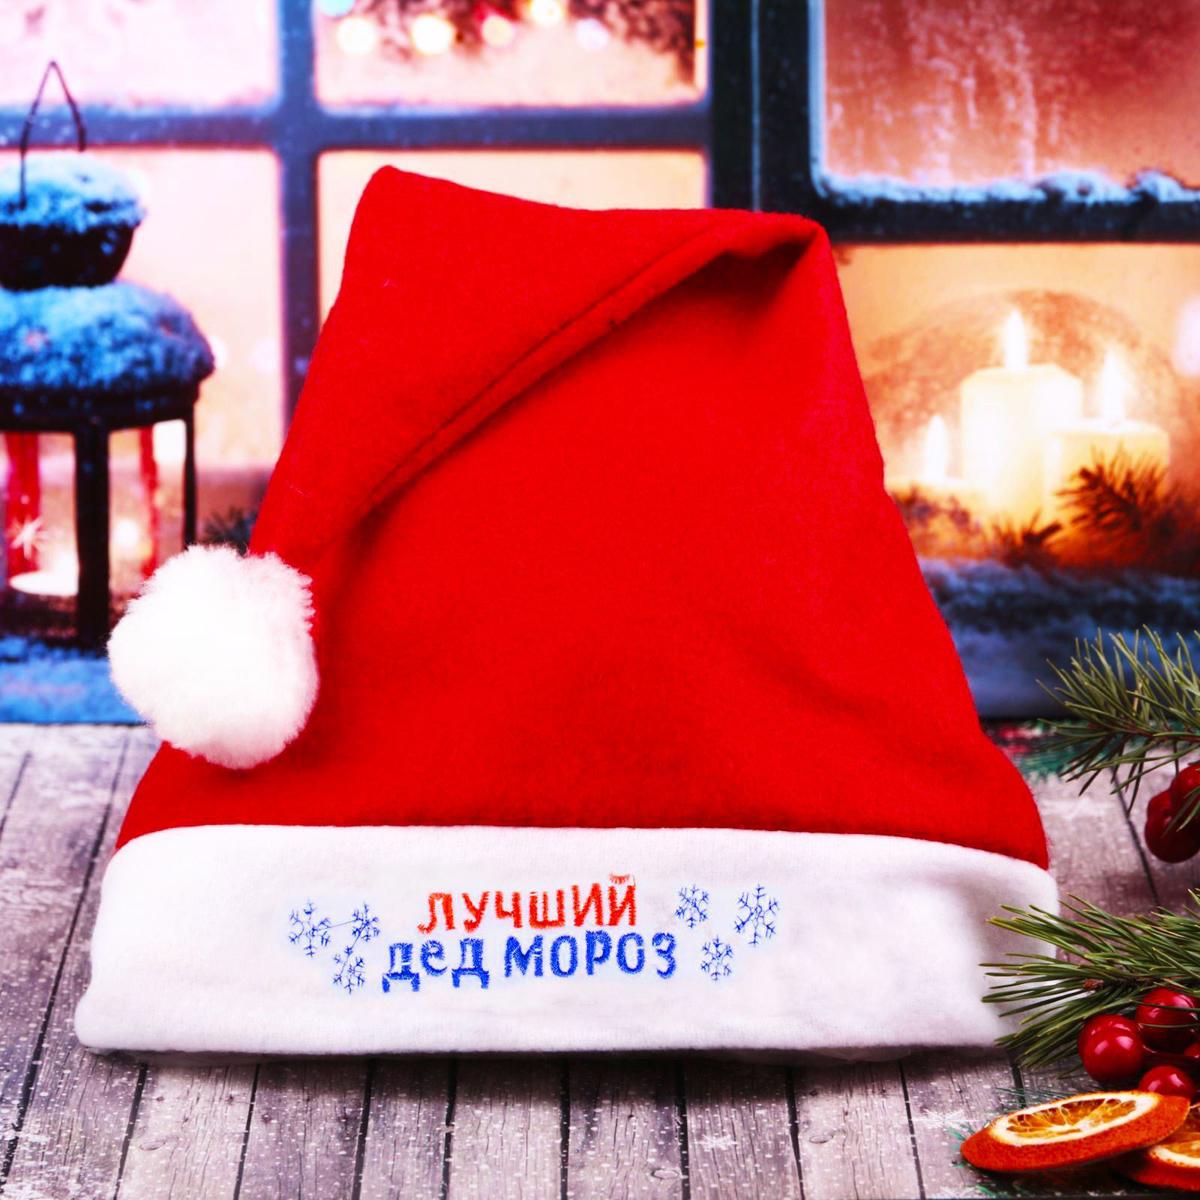 Колпак Лучший Дед Мороз, 41 х 27 см2268089Колпак — традиционный новогодний головной убор, который дополнит любой праздничный костюм. Будет это корпоративная вечеринка, утренник в школе или отдых в компании друзей — изделие поднимет настроение, где бы вы ни находились. Колпачок подойдет тем, кто собирается отмечать зимний праздник в помещении. В противном случае его следует надеть на теплую шапку, чтобы не простудиться.